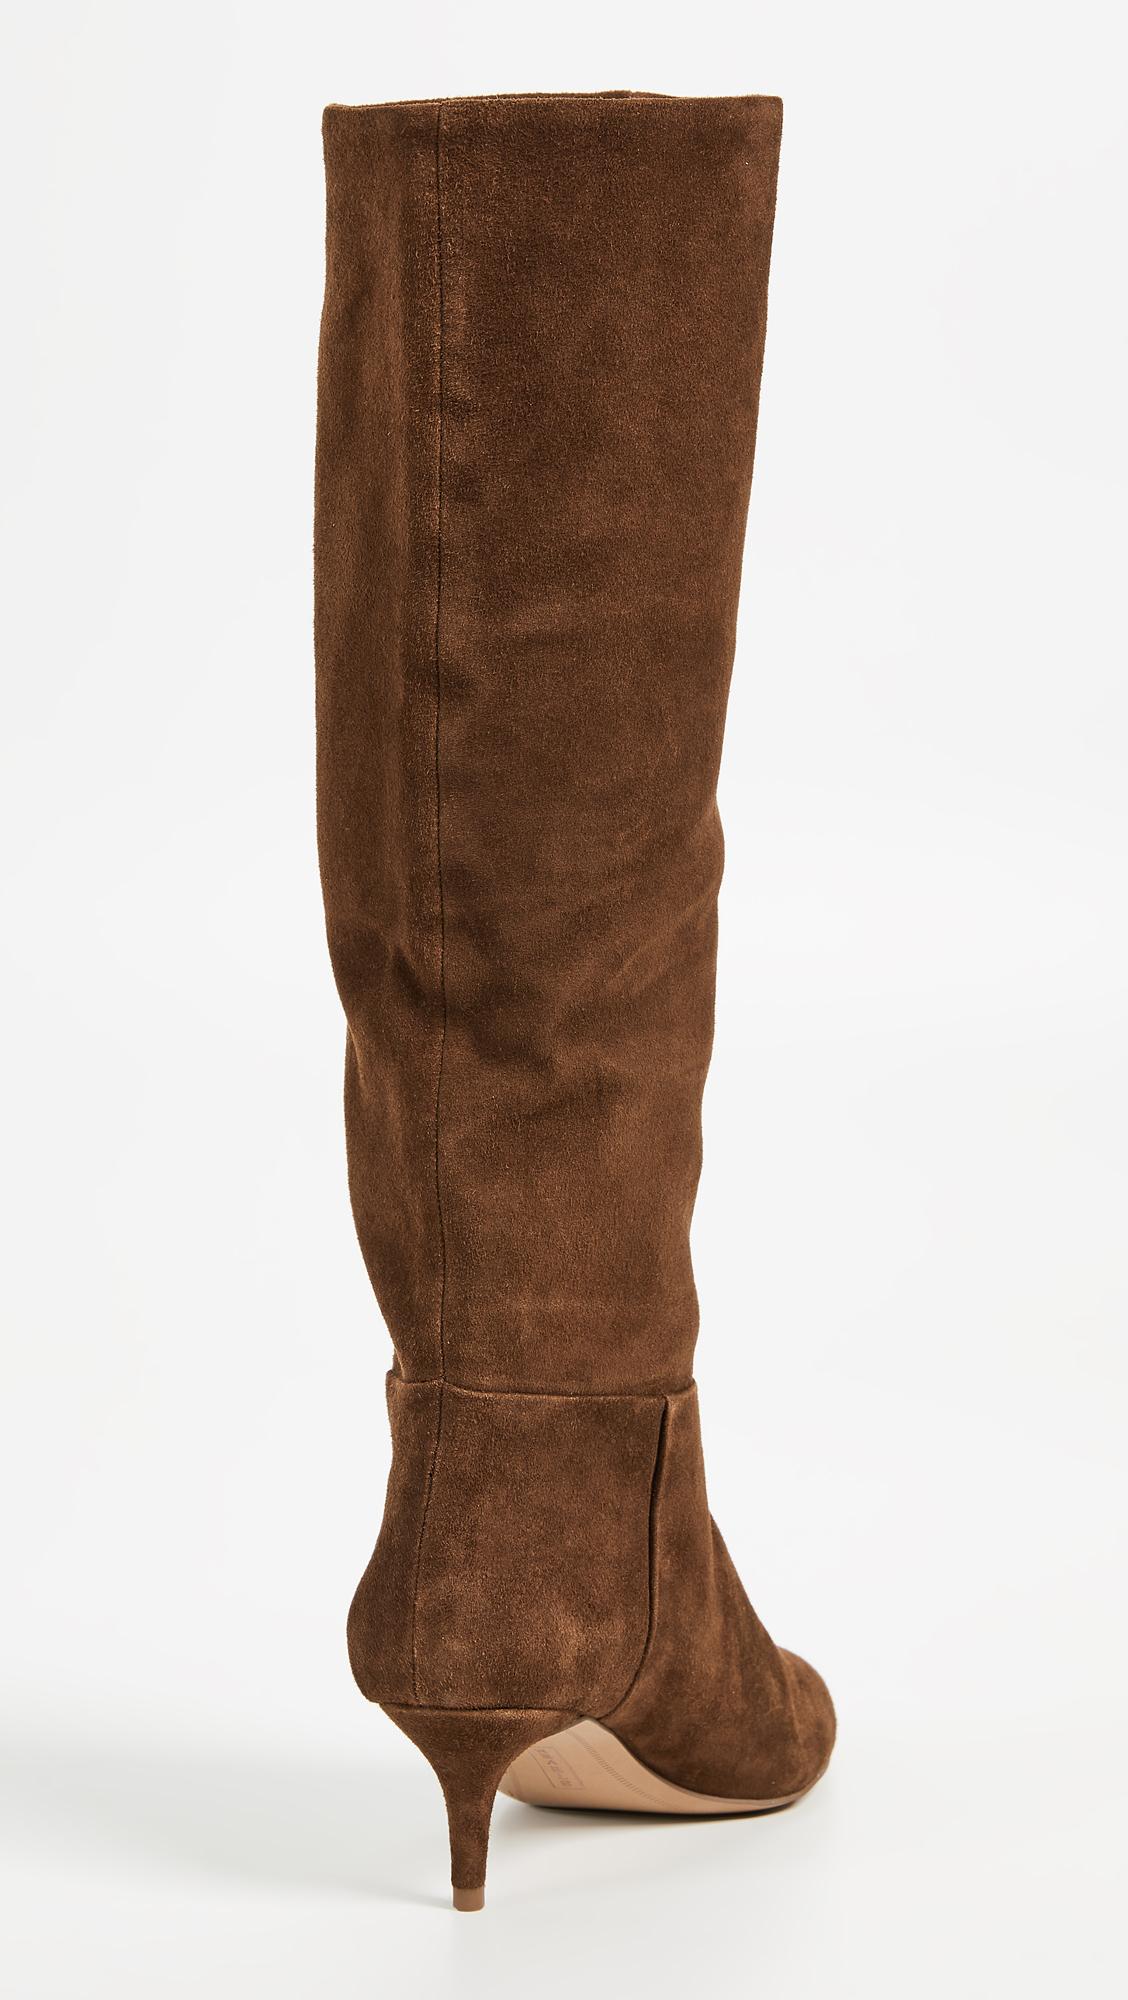 ca261d16370e Steven Kirby Tall Boots